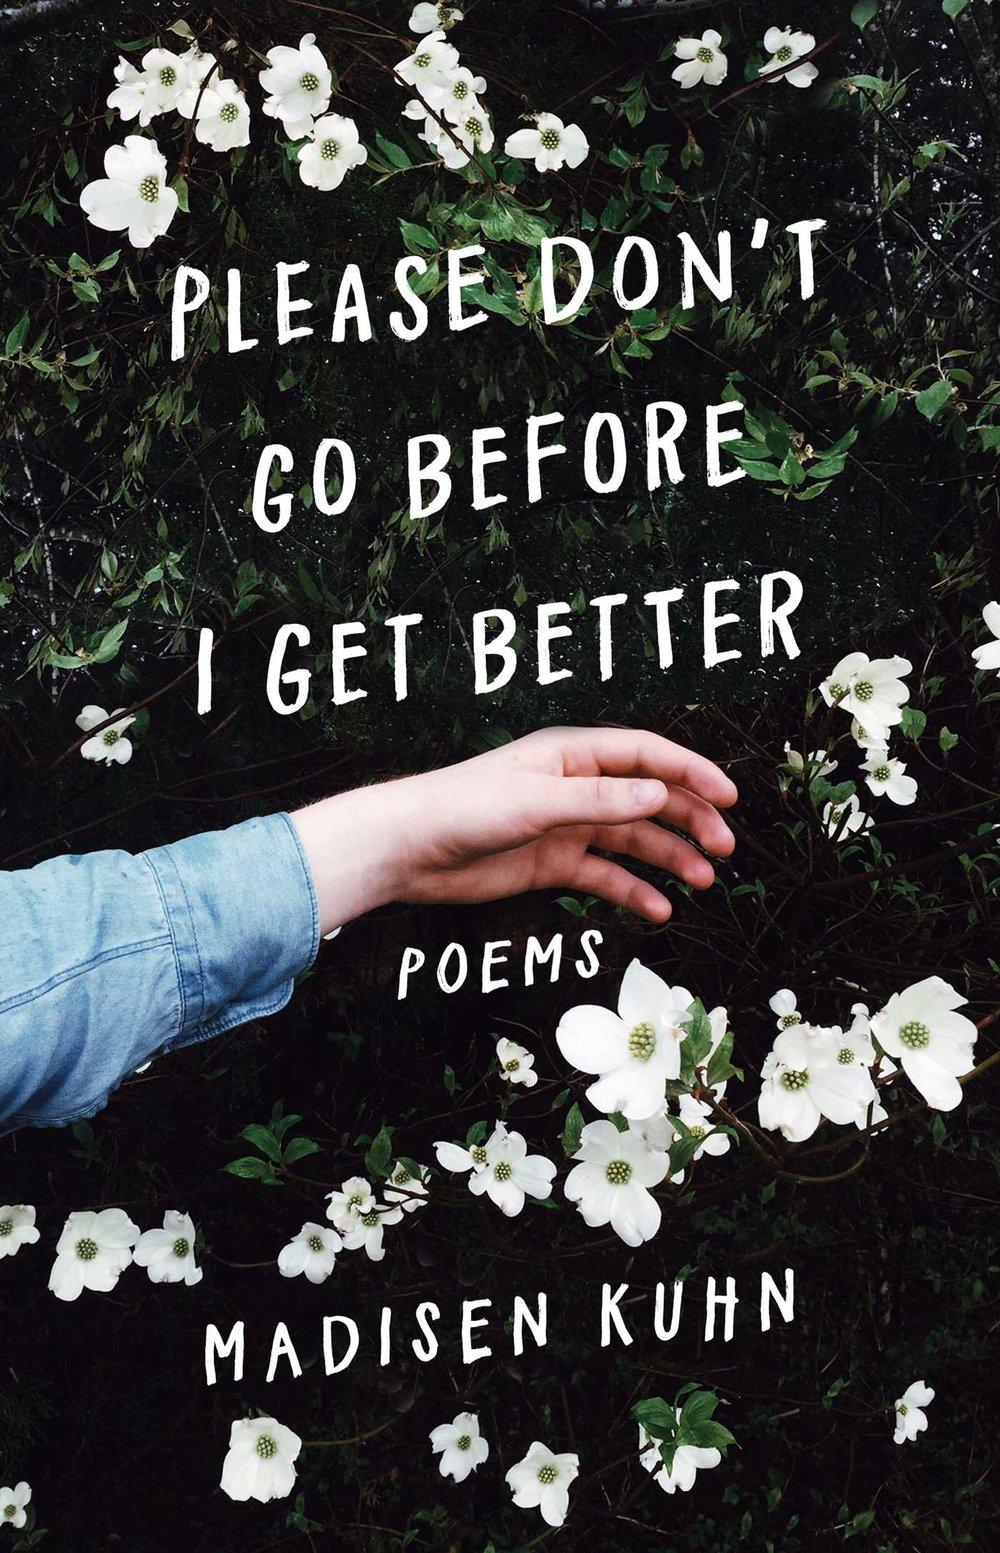 please-dont-go-before-i-get-better-9781501196812_hr-2.jpg